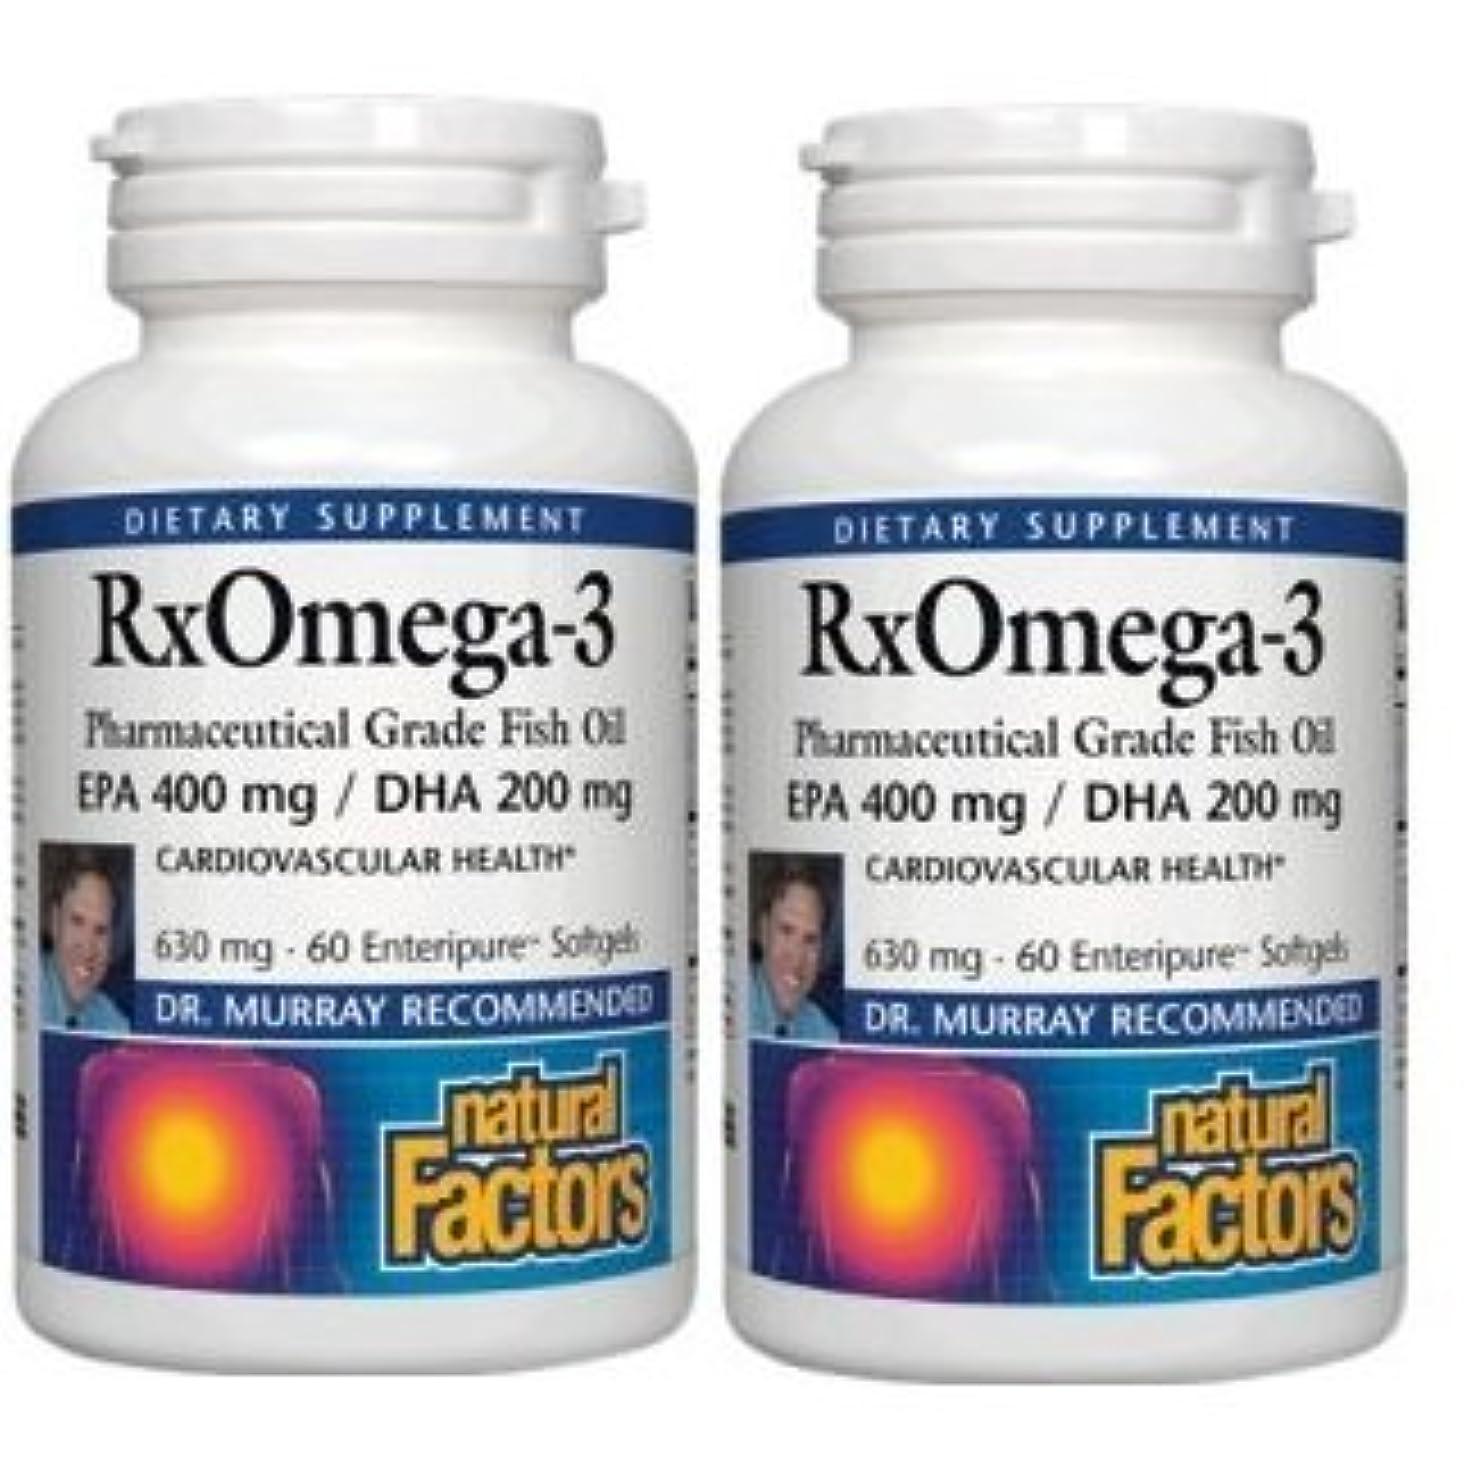 スパークヒープ敵対的【2本セット】【海外直送品】Natural Factors - RxOmega-3 Factors EPA 400 mg/DHA 200 mg - 60ソフトジェル